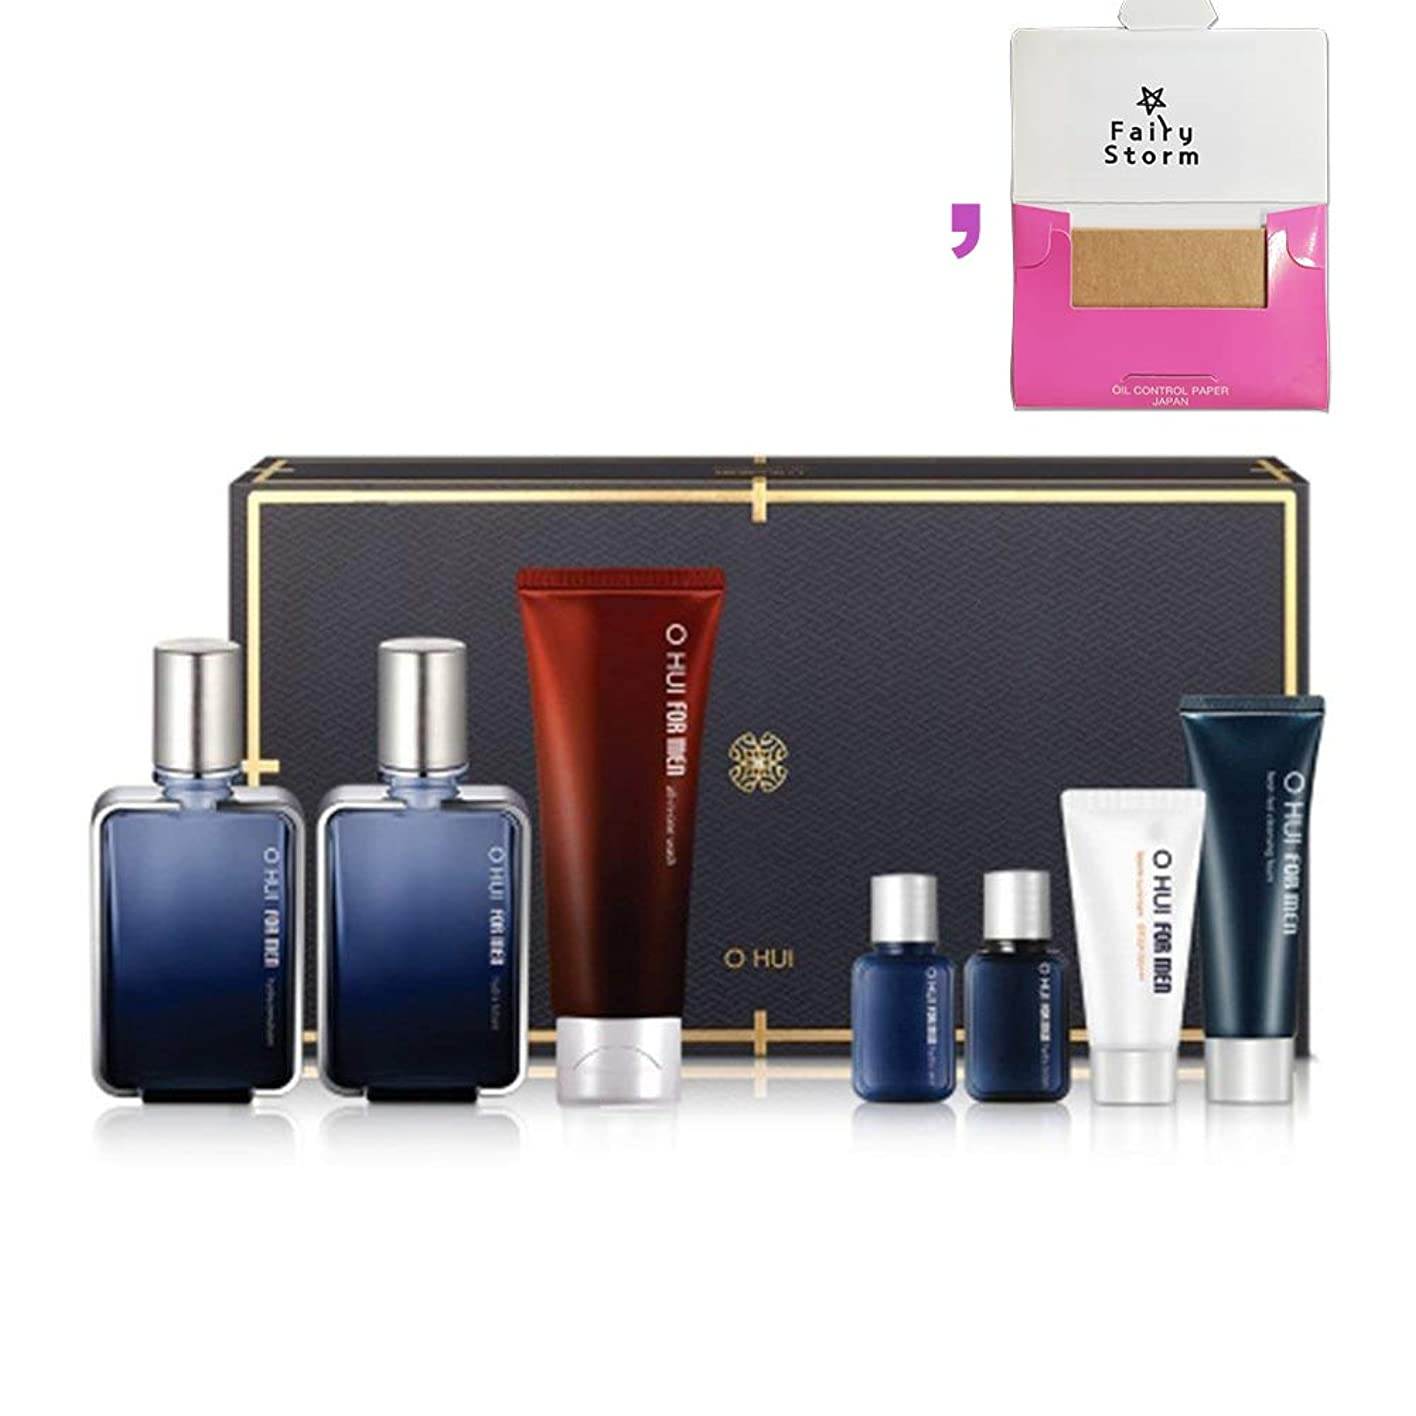 暖かさ箱時々時々[オフィ/O HUI]韓国化粧品 LG生活健康/OHUI FOR MEN Hydra 3EA SET-O HUI フォーマン ハイドラ セット 企画 2017旧正月 + [Sample Gift](海外直送品)